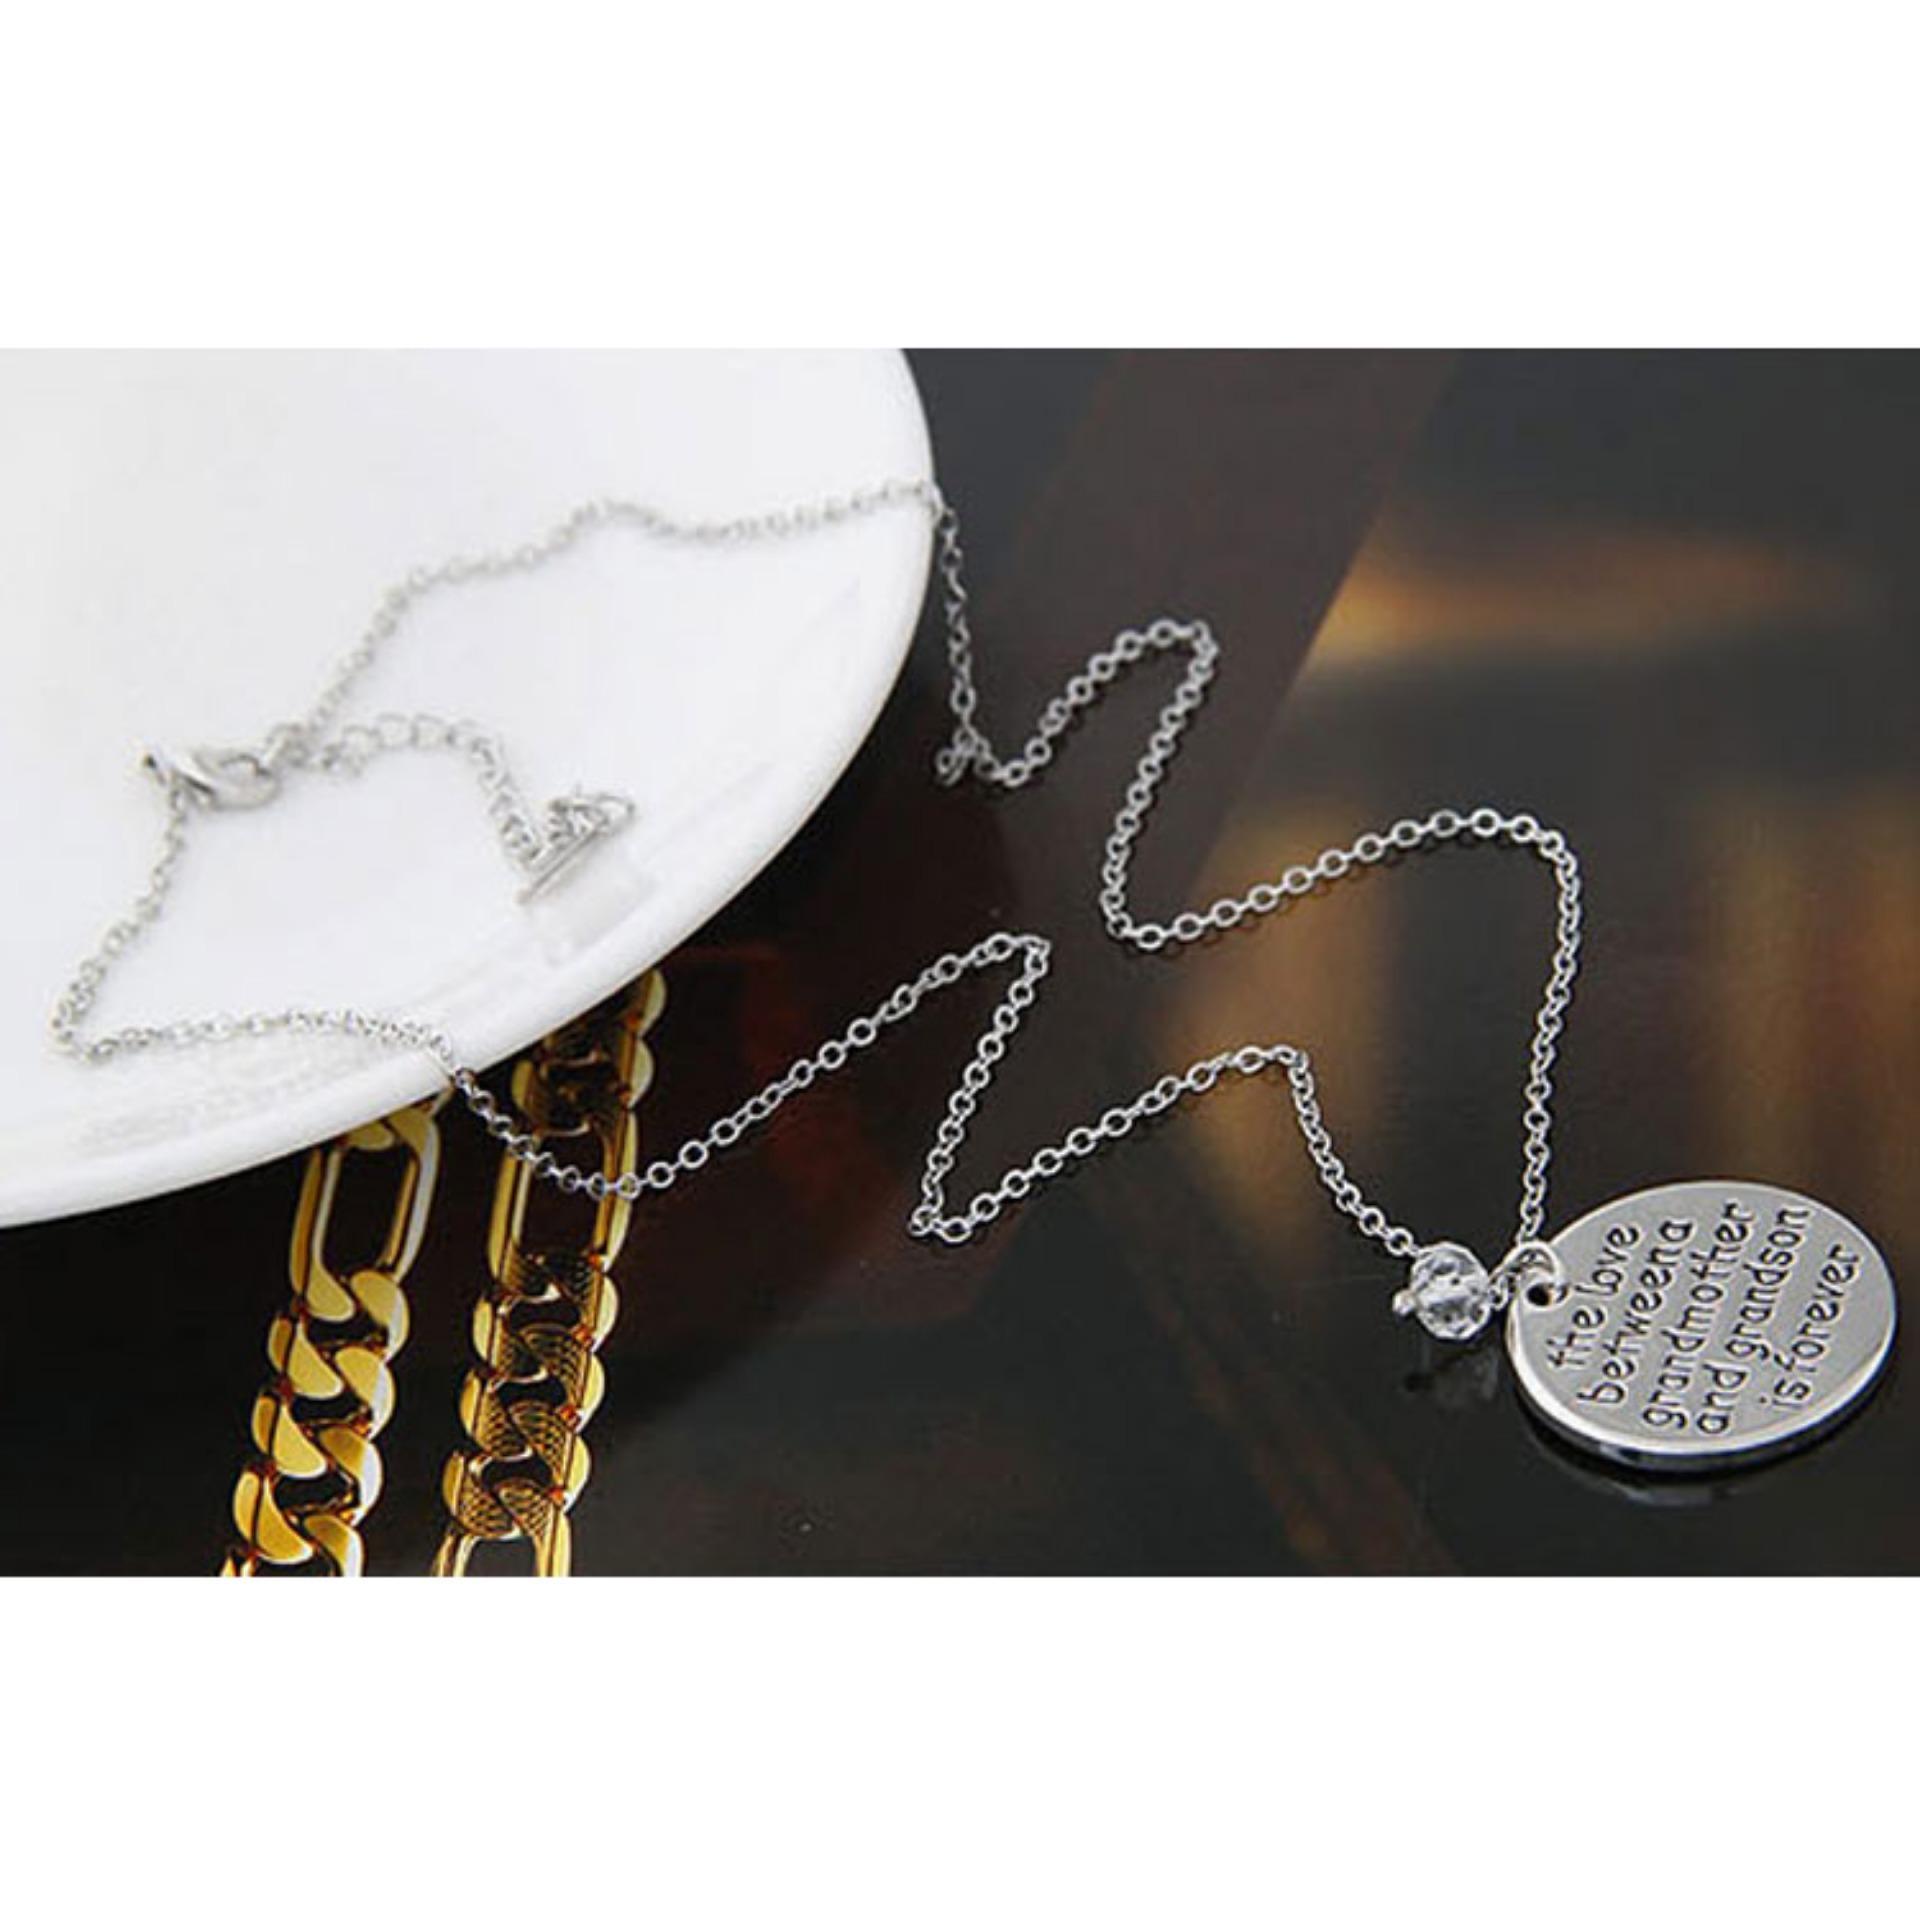 Bella Co Simple Choker Necklace Vcn004 Aksesoris Perhiasan Kalung Tiaria Lkn18krgpn591 Lapis Emas Source Kzcn036 A